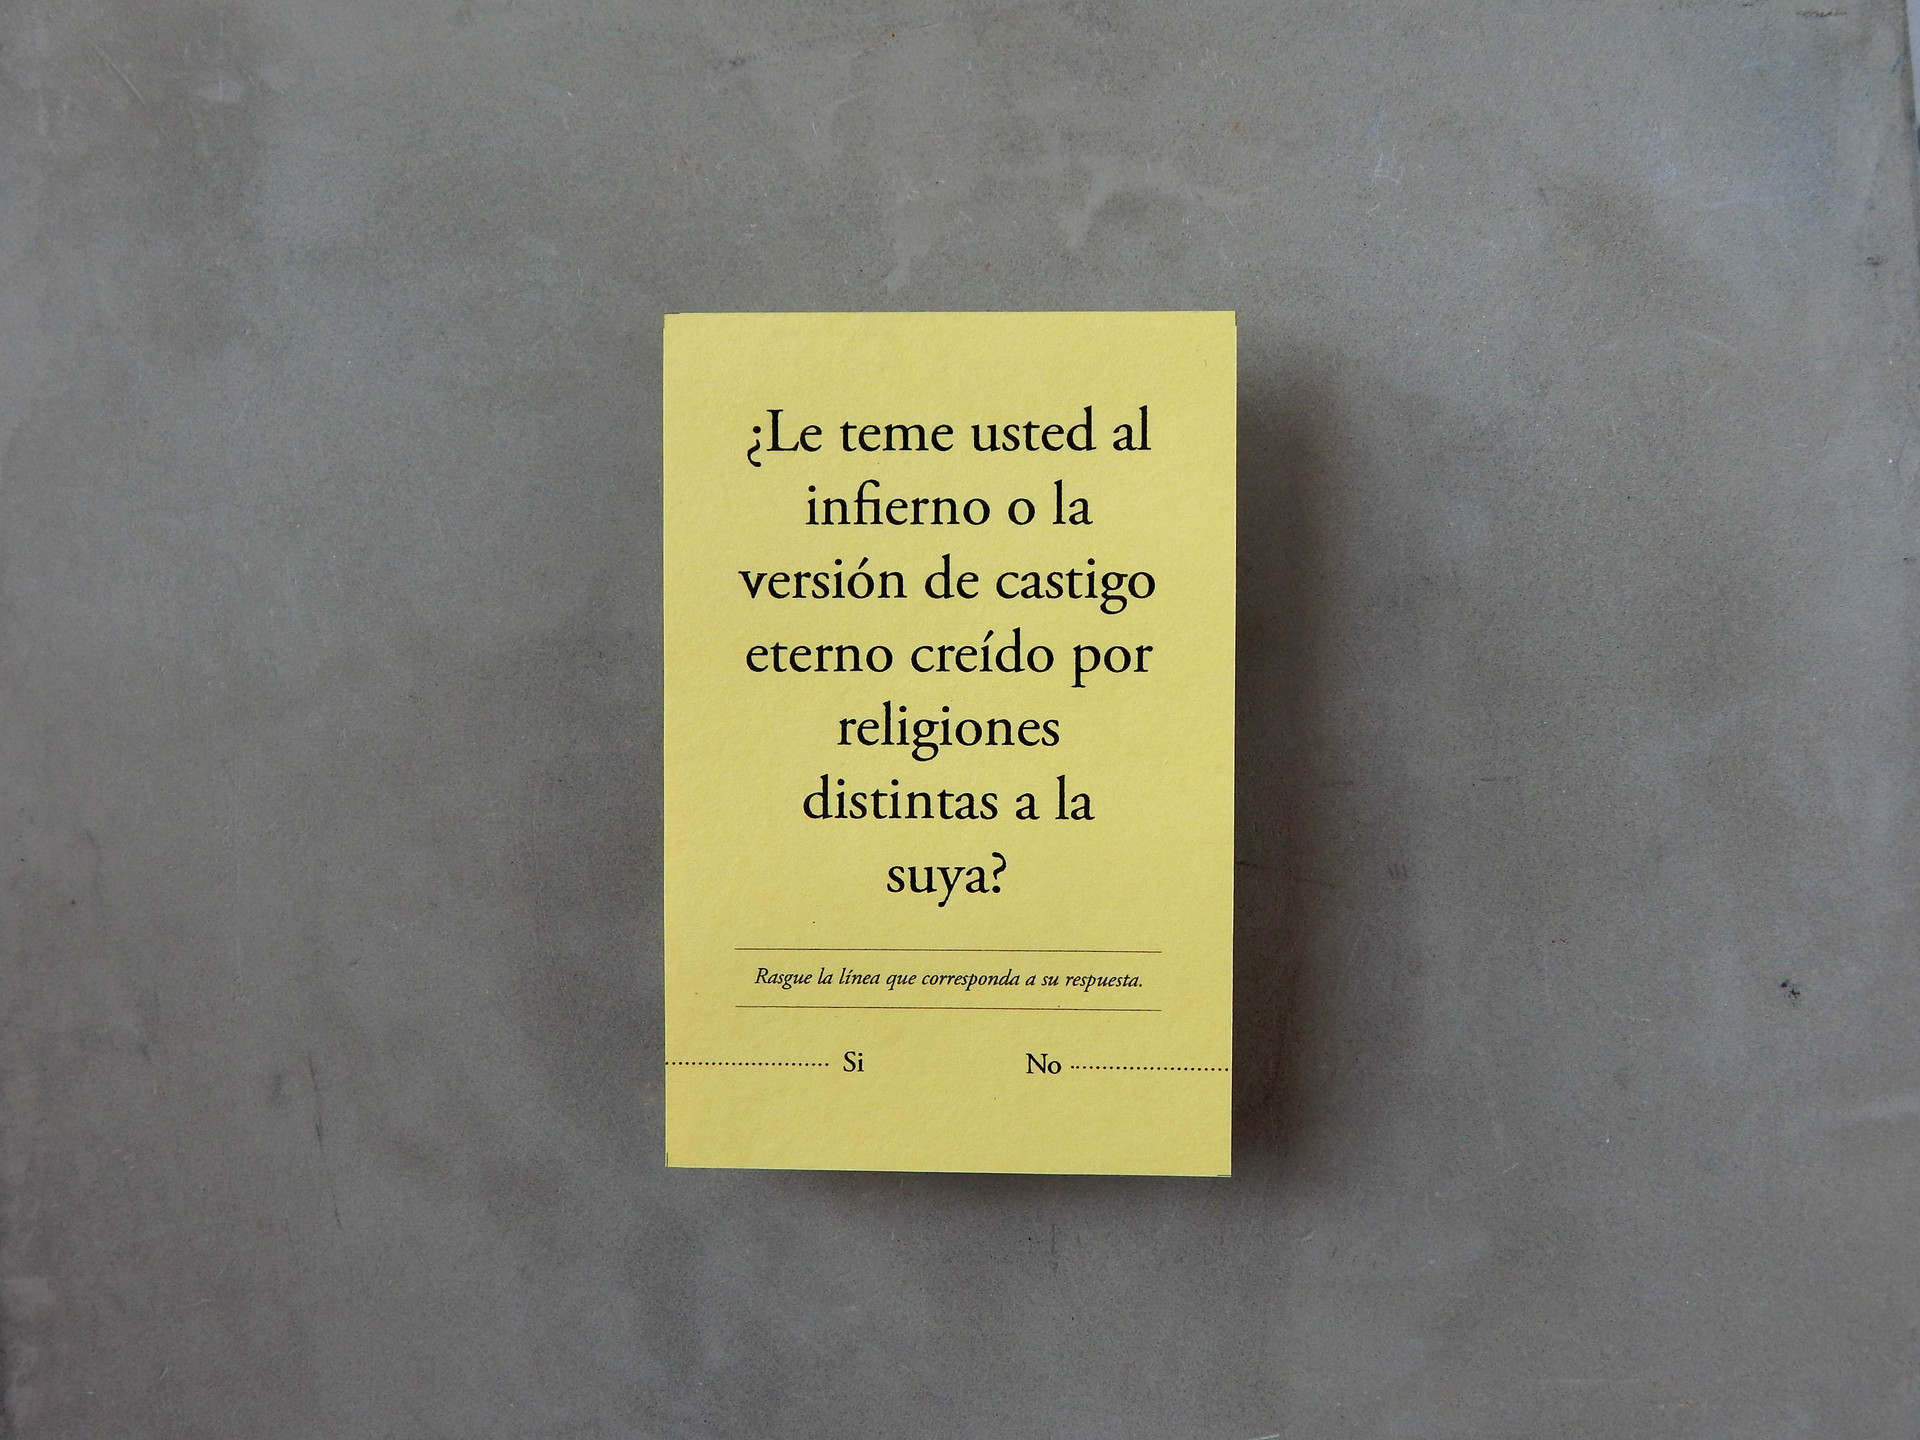 2018 - Censo -7_5x11_5cm 05 -  Ricardo C